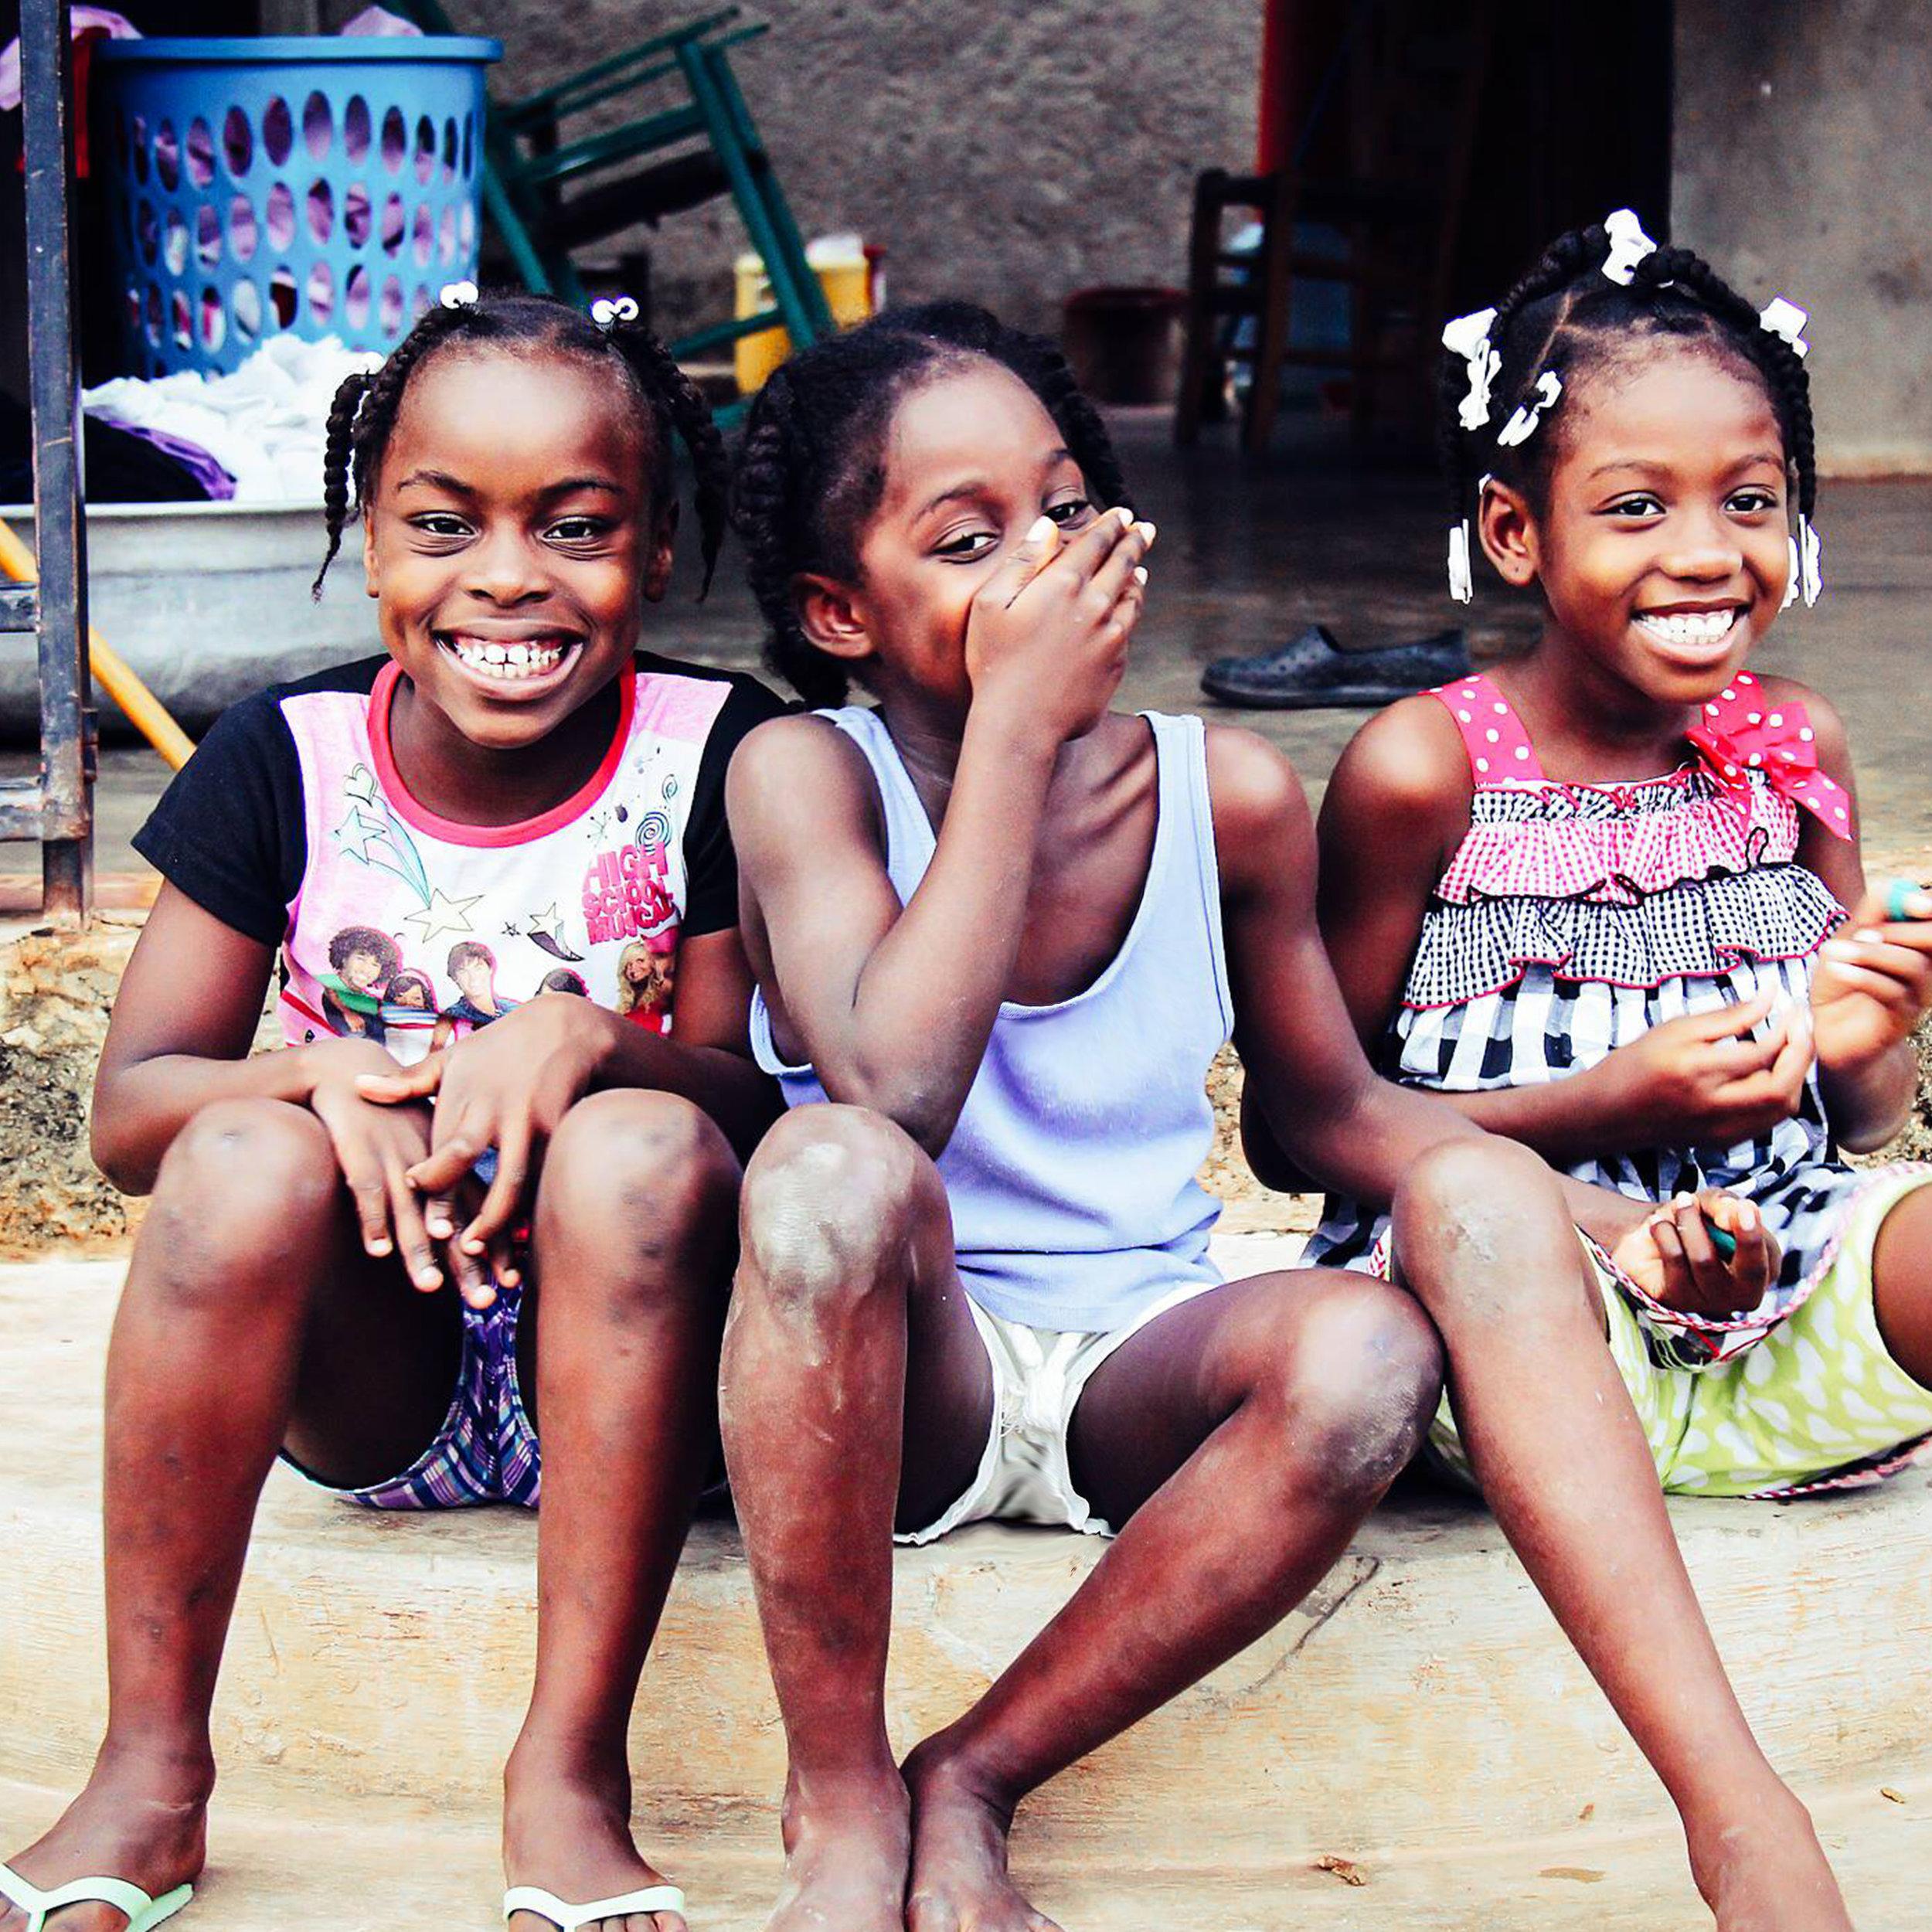 haiti trip 2018 photo 1.jpg